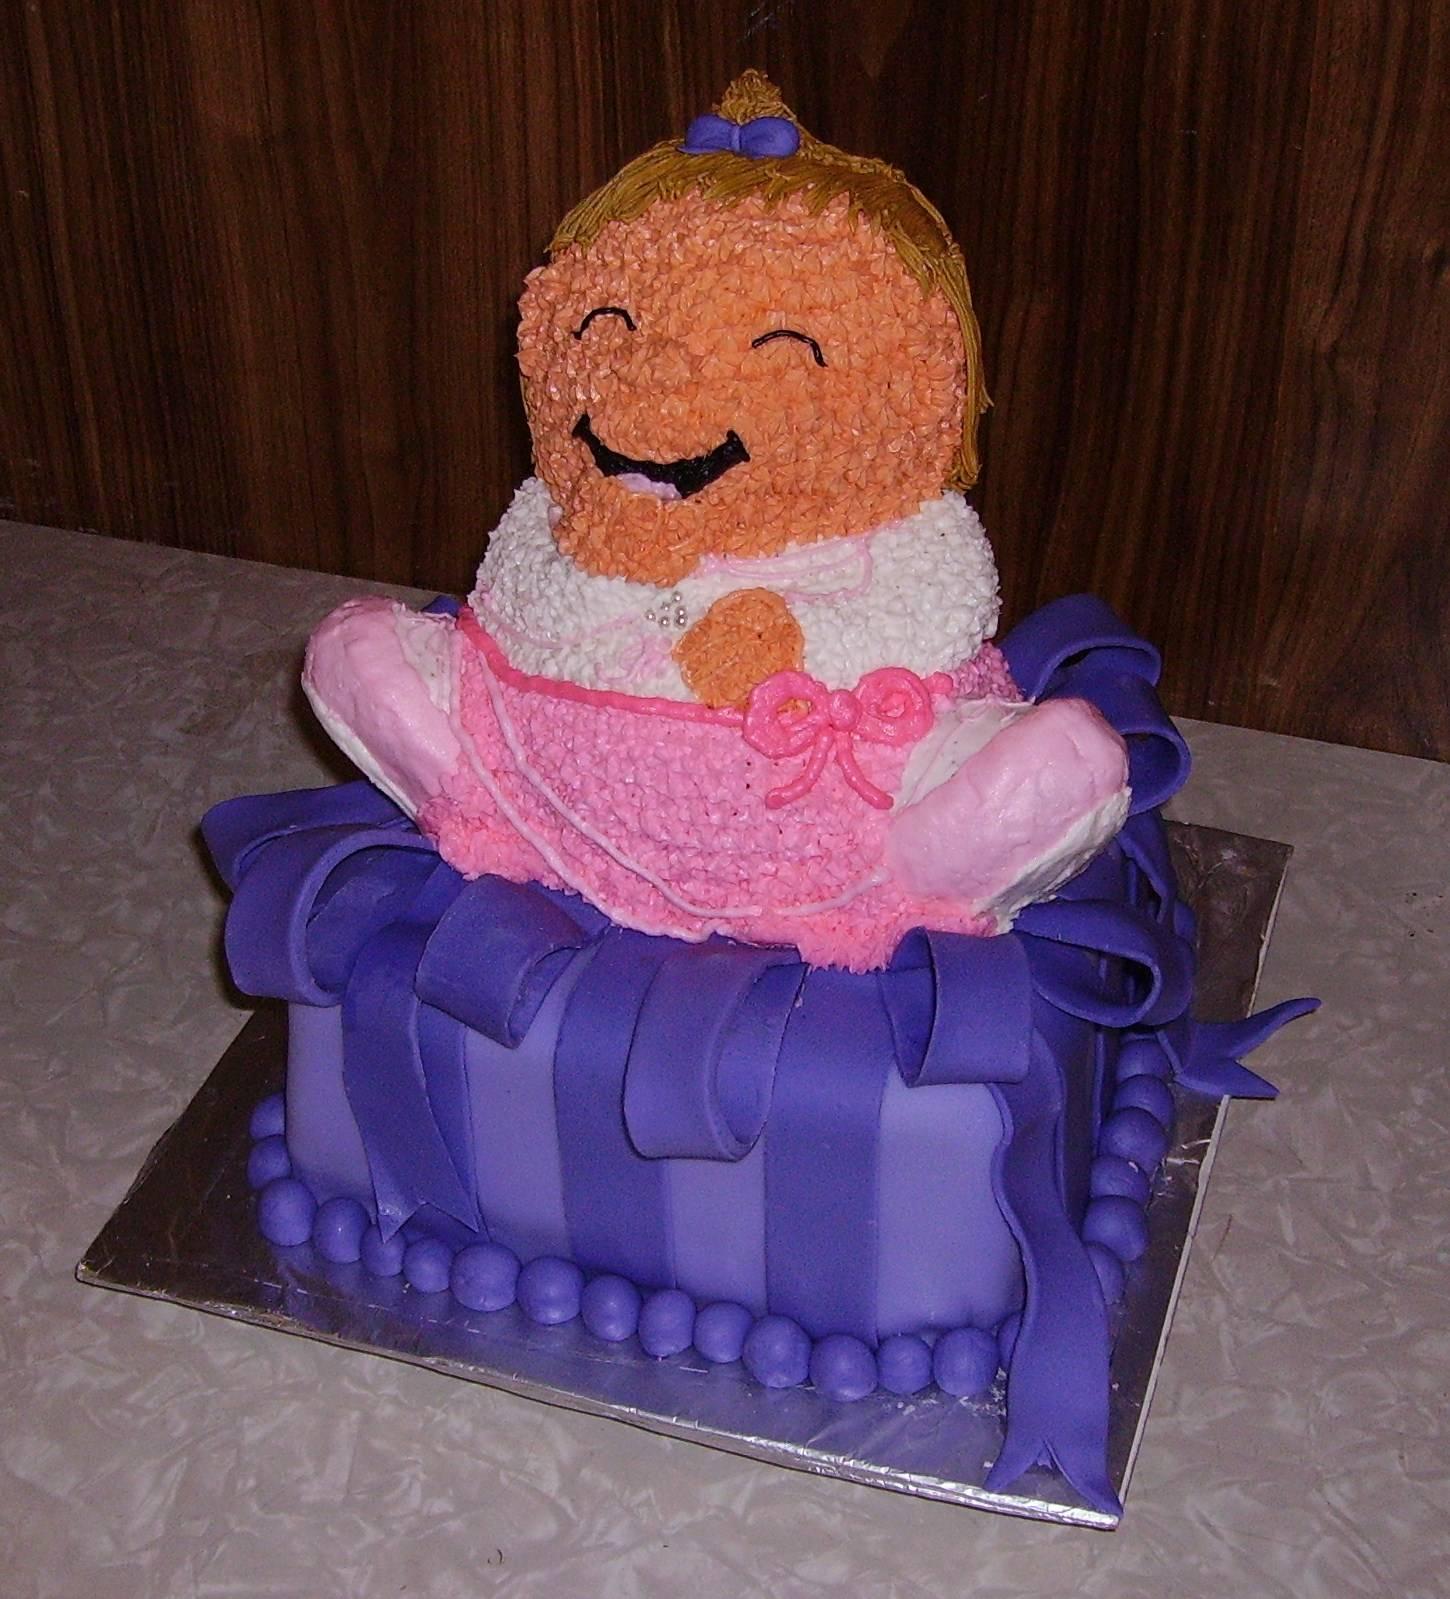 Little Girl on Present Cake